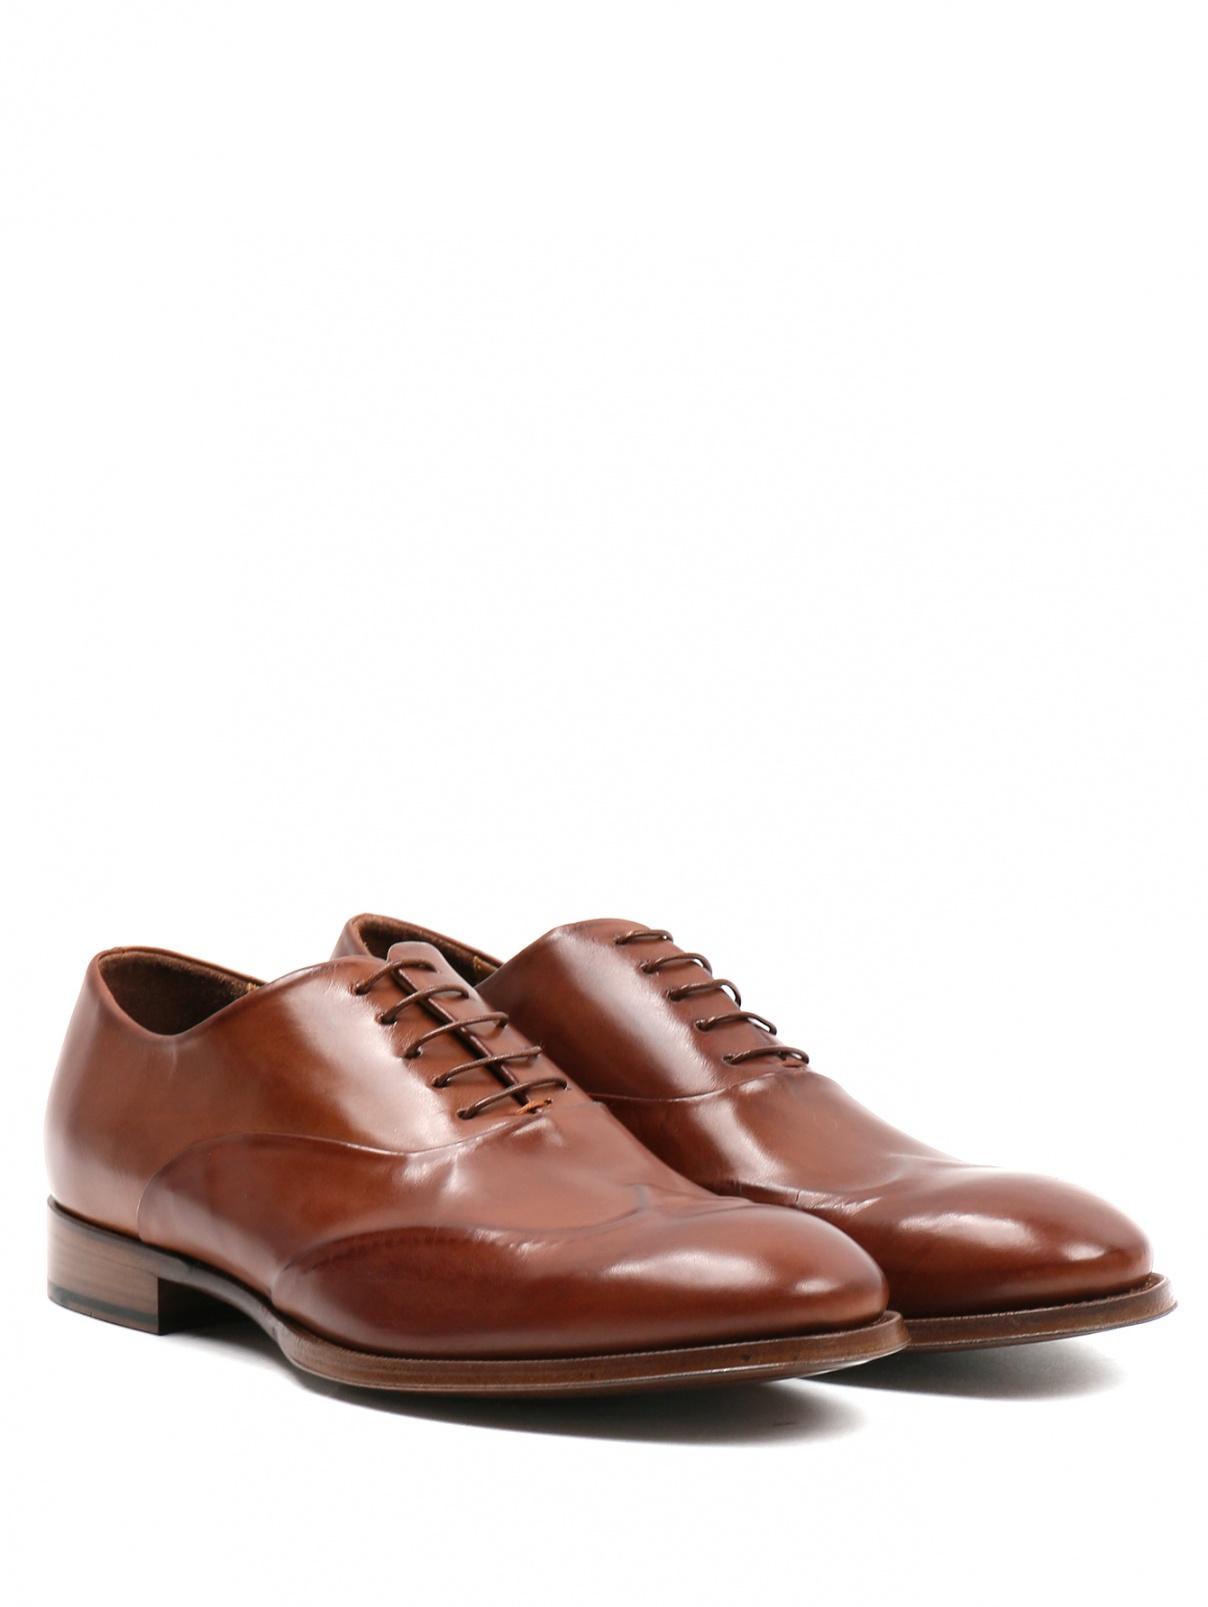 Ботинки из кожи Paul Smith  –  Общий вид  – Цвет:  Коричневый